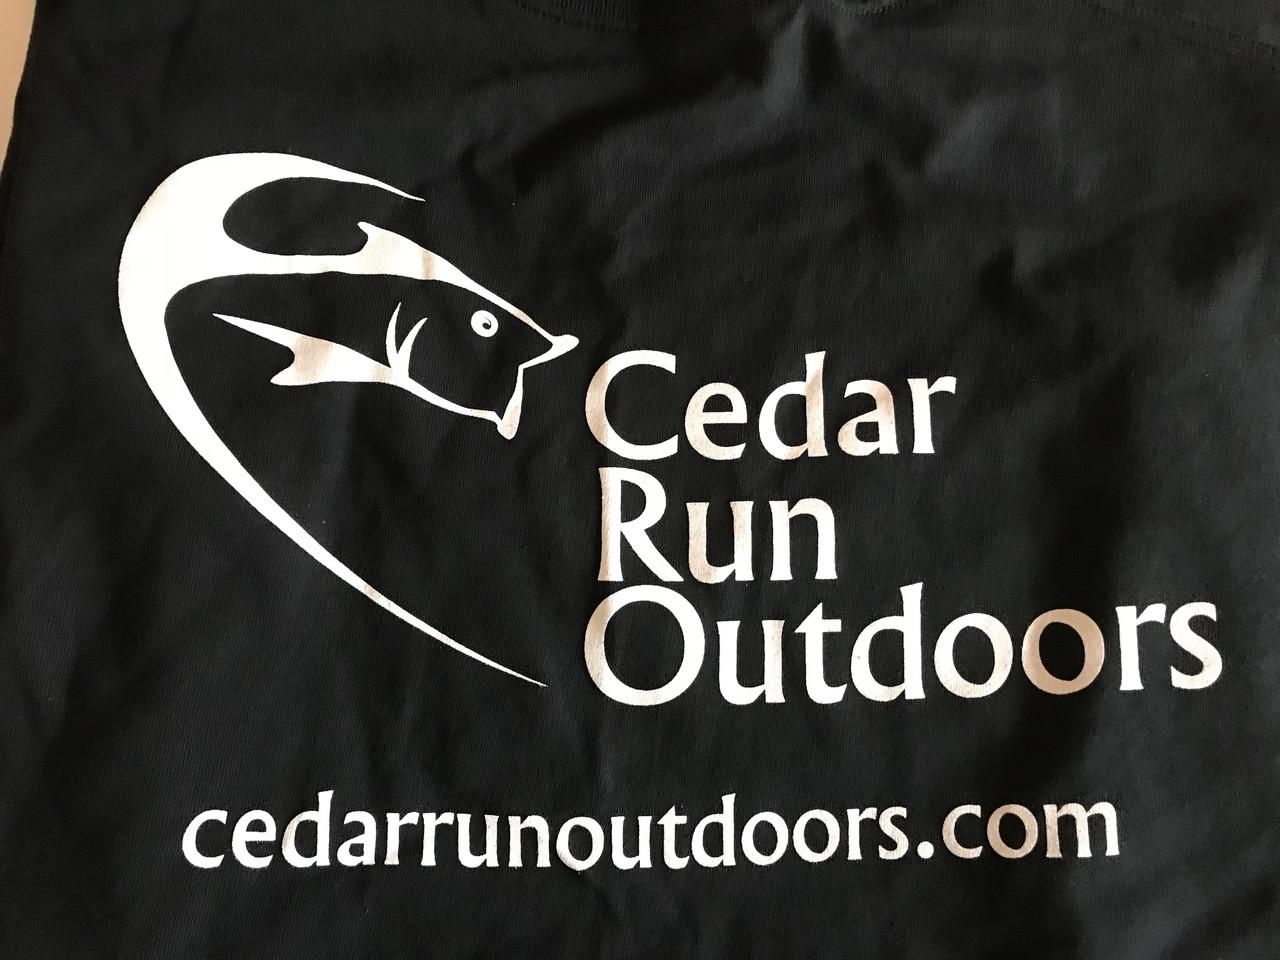 Cedar Run Outdoors short sleeve logo T-shirt